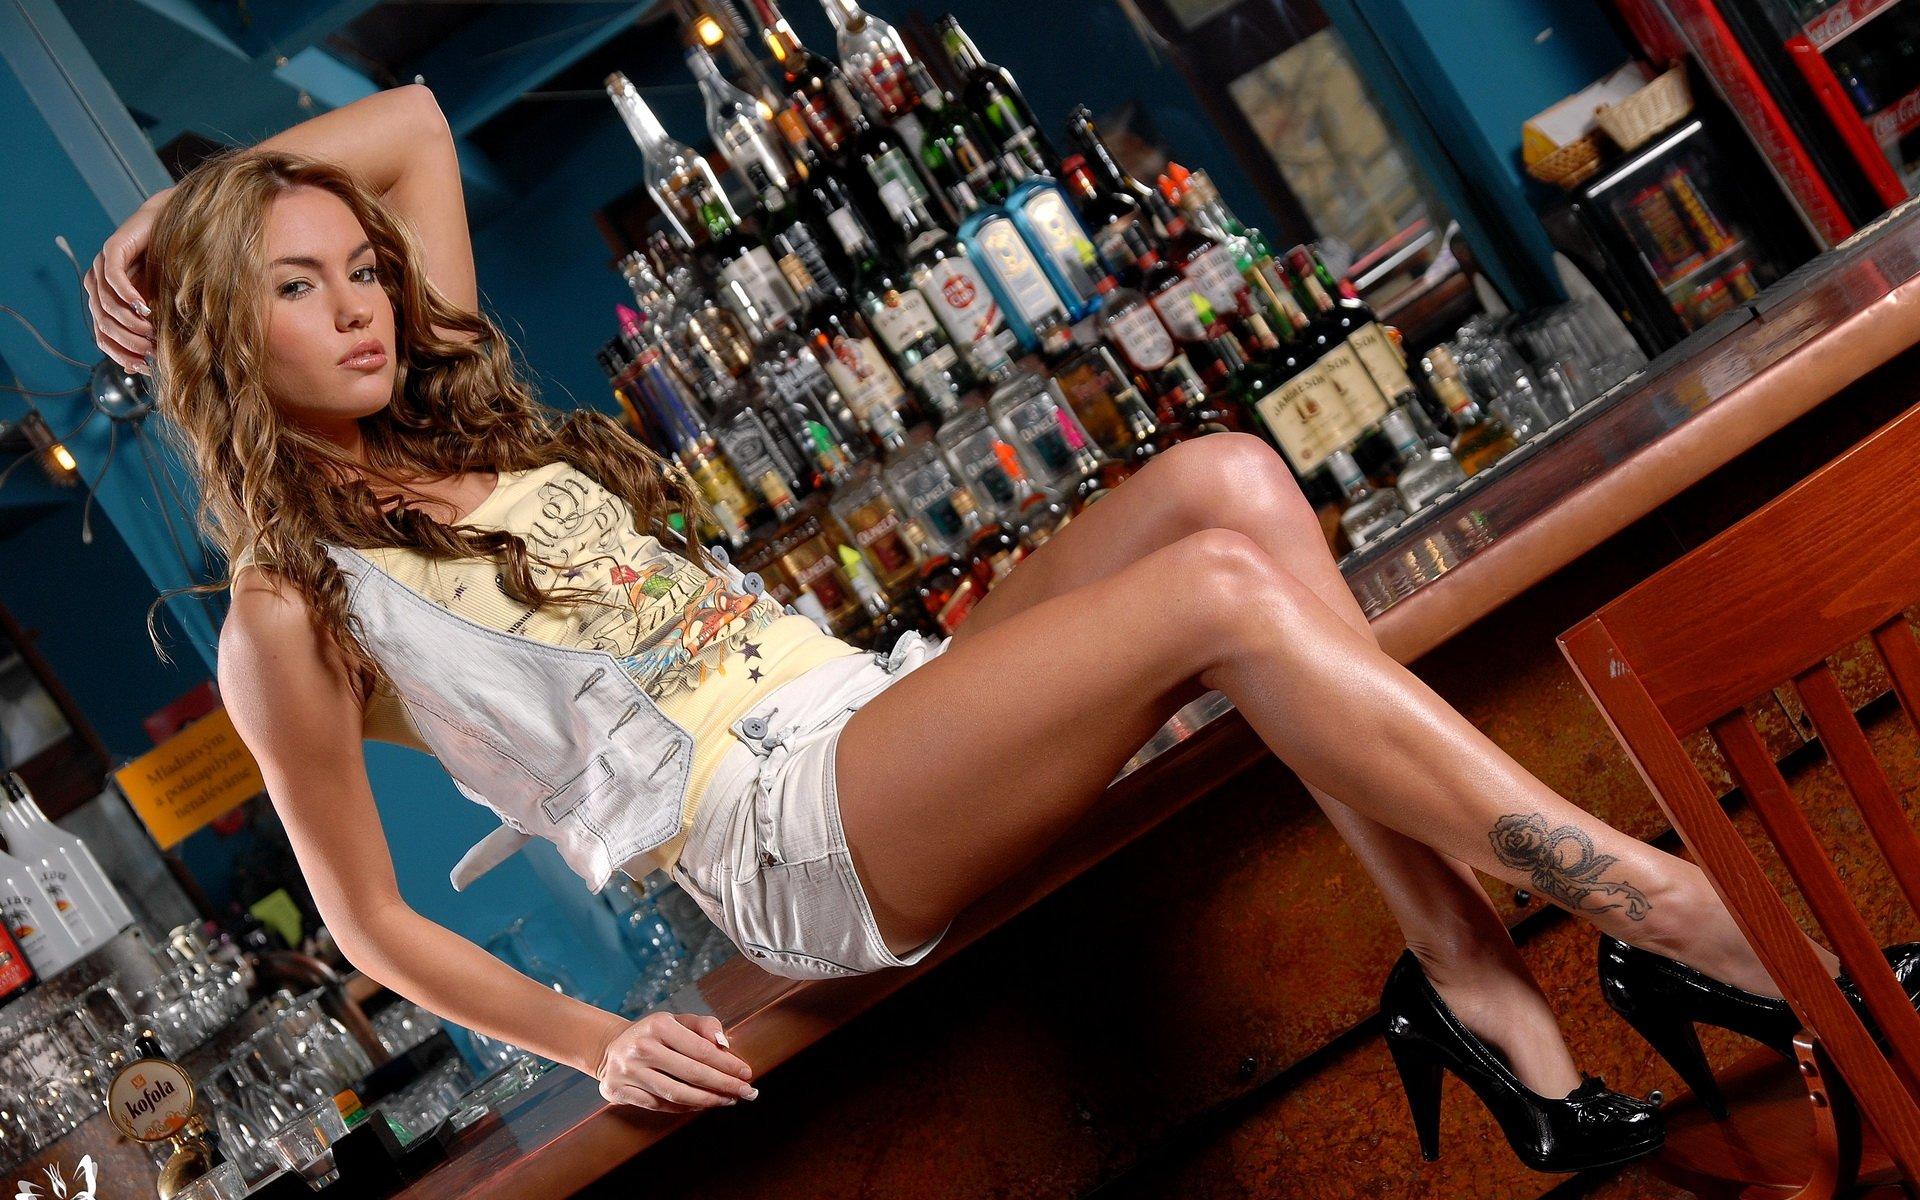 Сняли красивую в баре, русское порно в хорошем качестве большие членыполовые